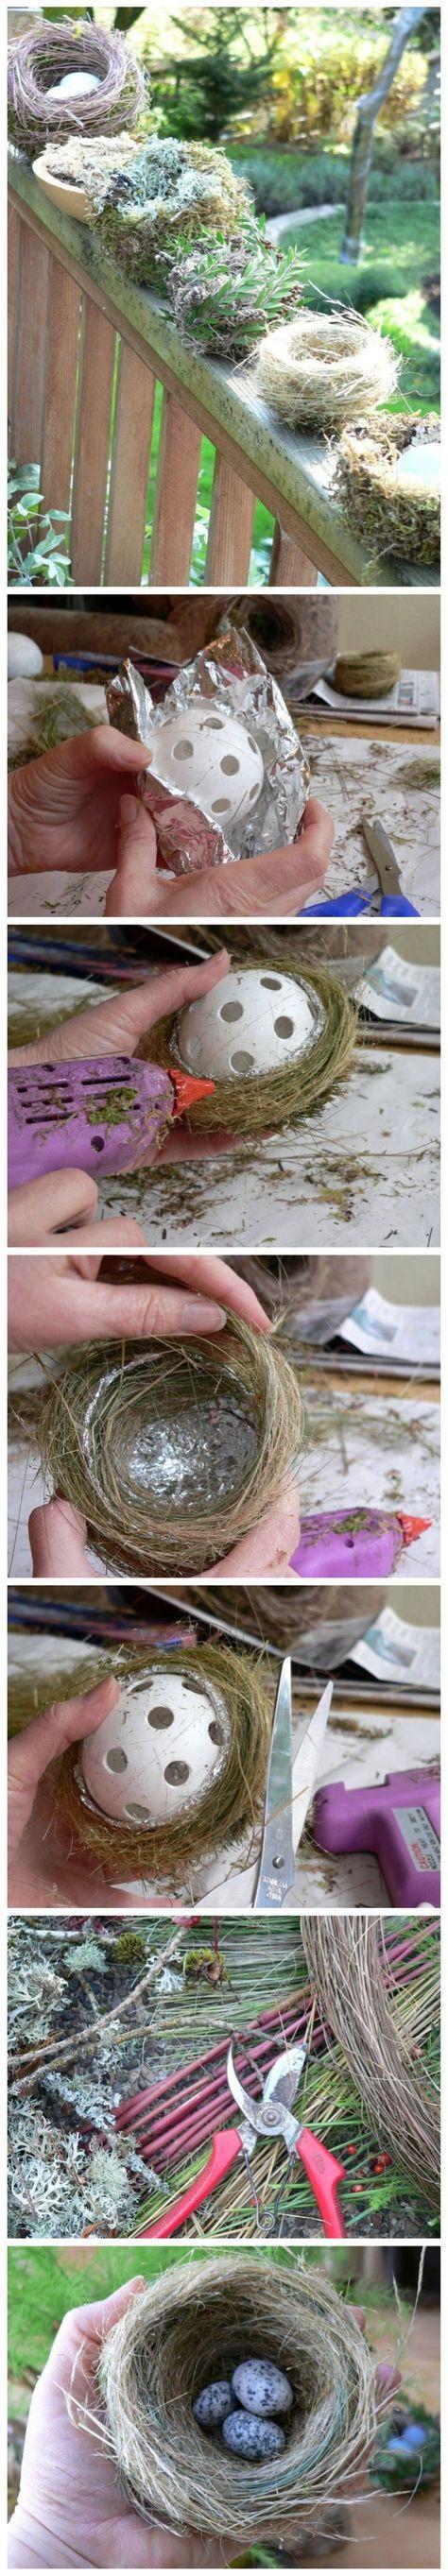 How to make a decorative bird nest